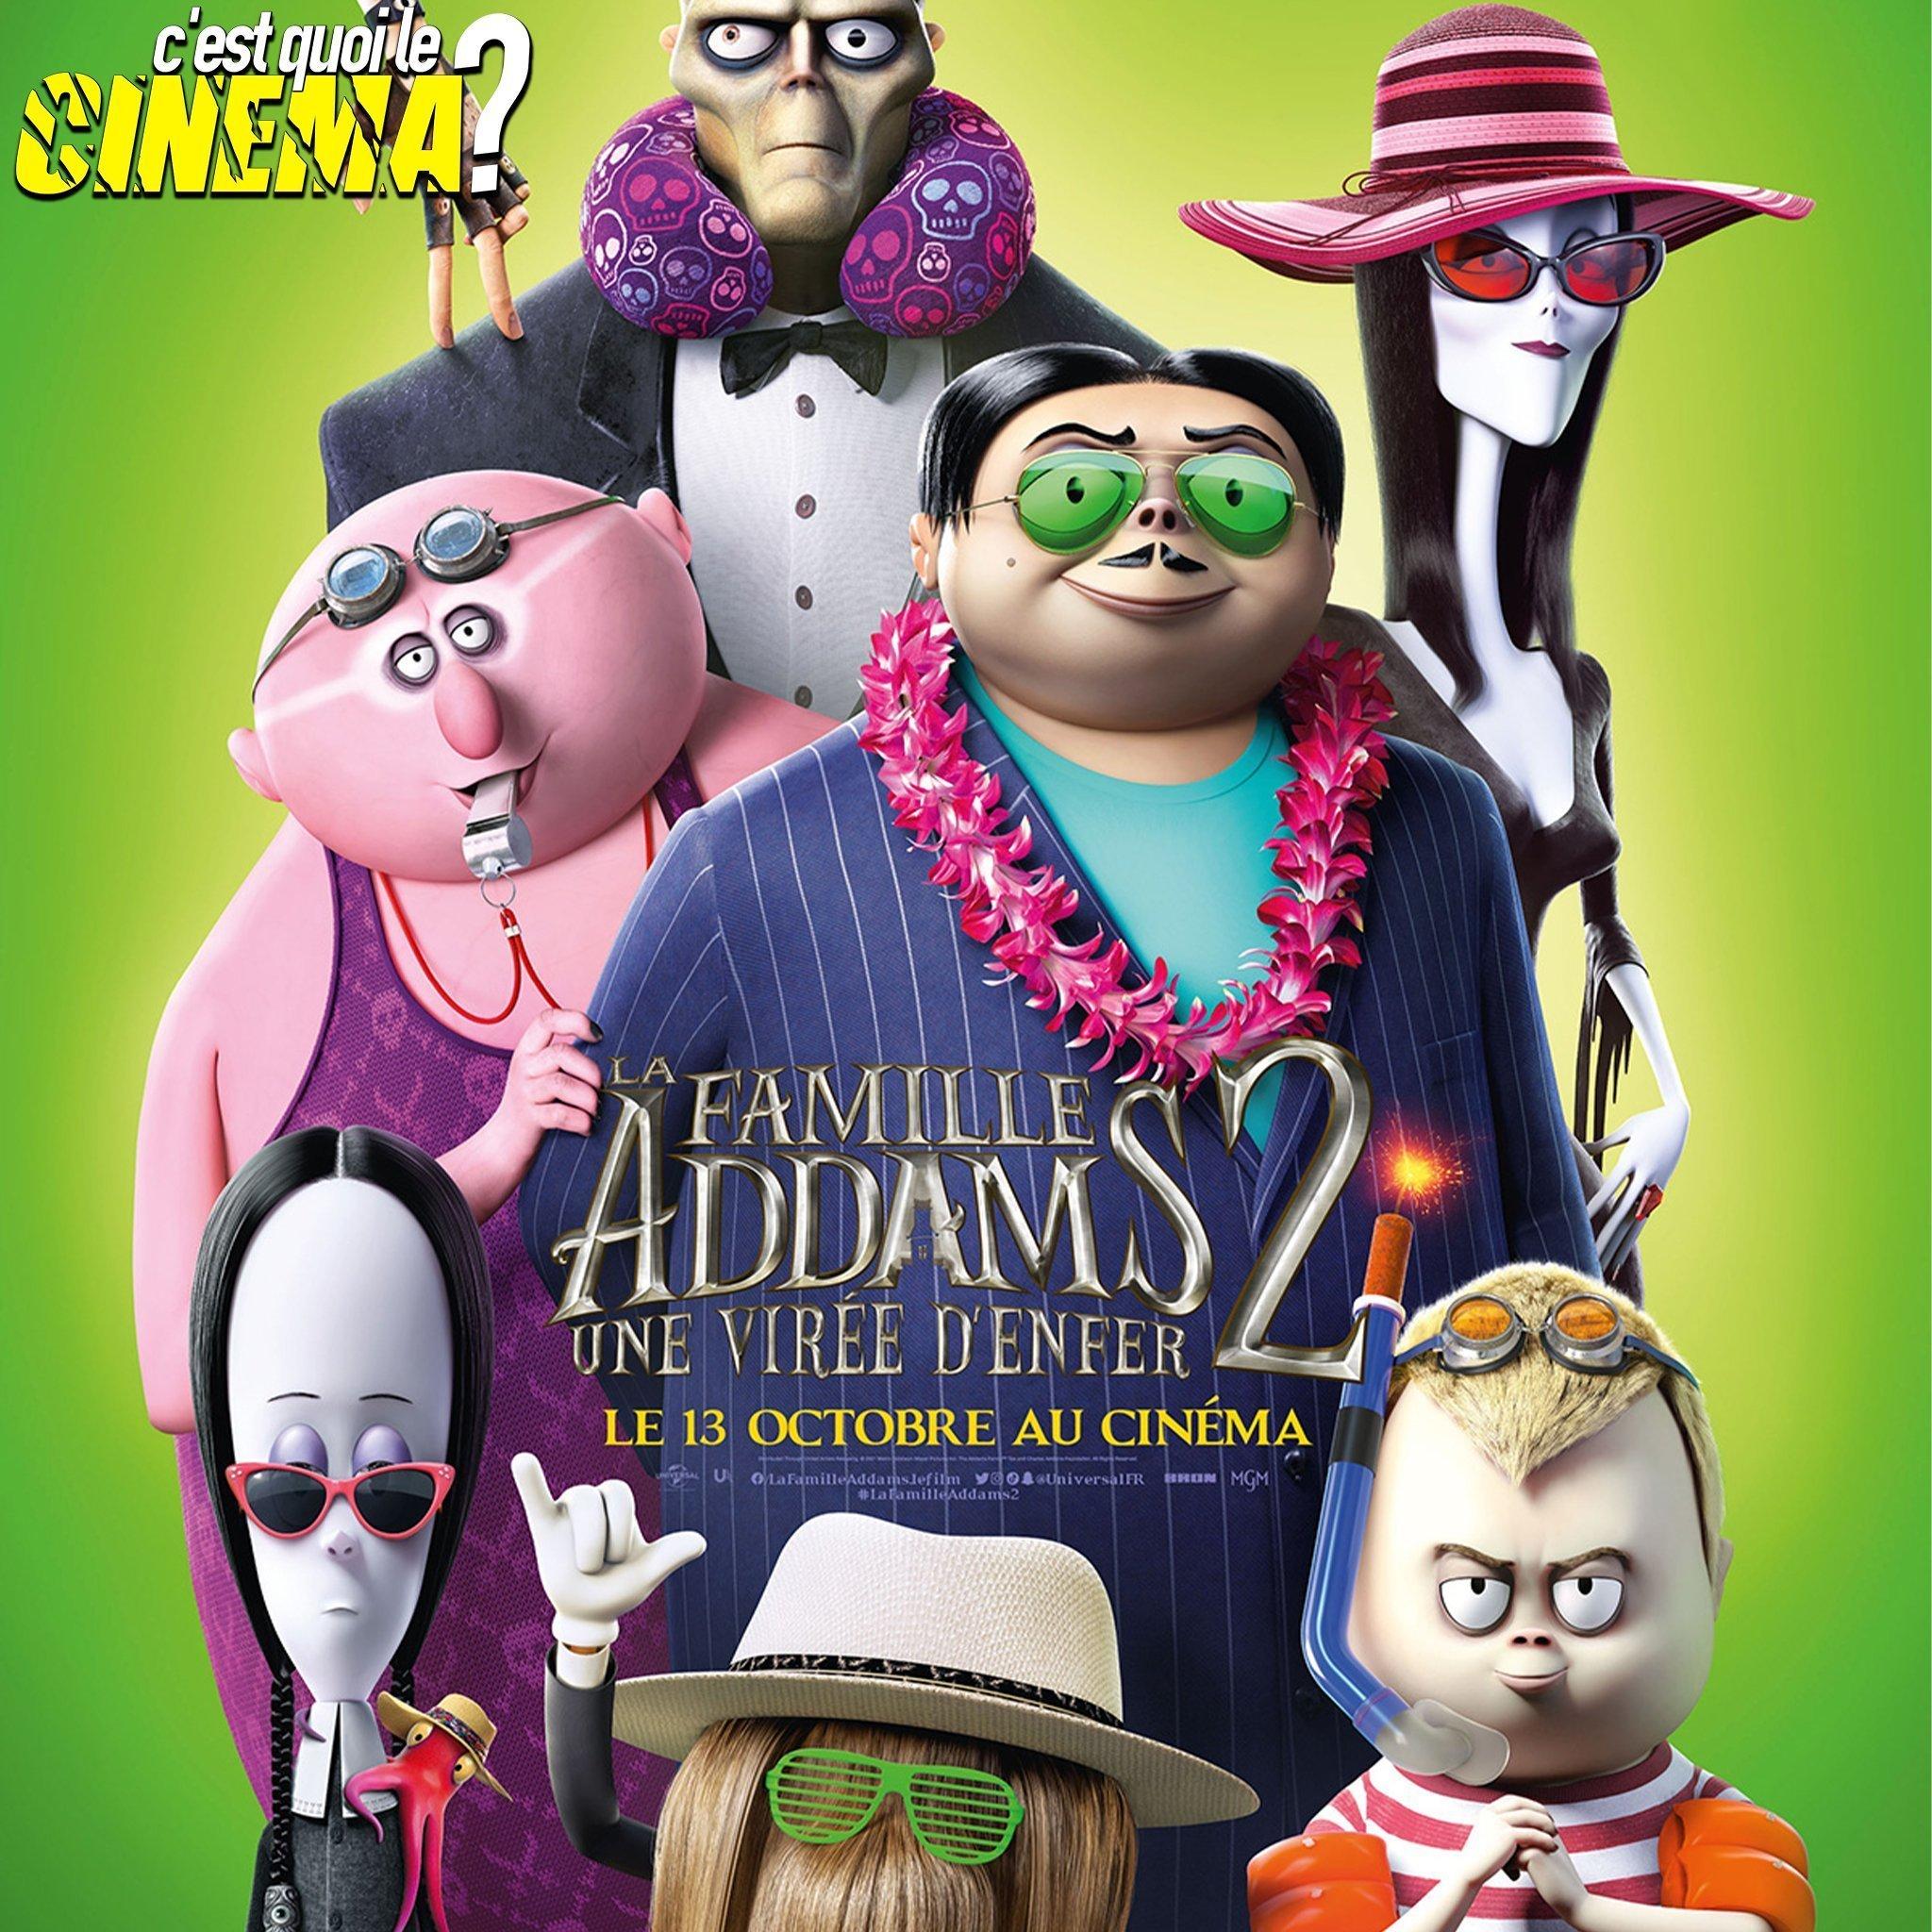 [CRITIQUE] La Famille Addams 2 : Une virée d'enfer – Fétide corvée